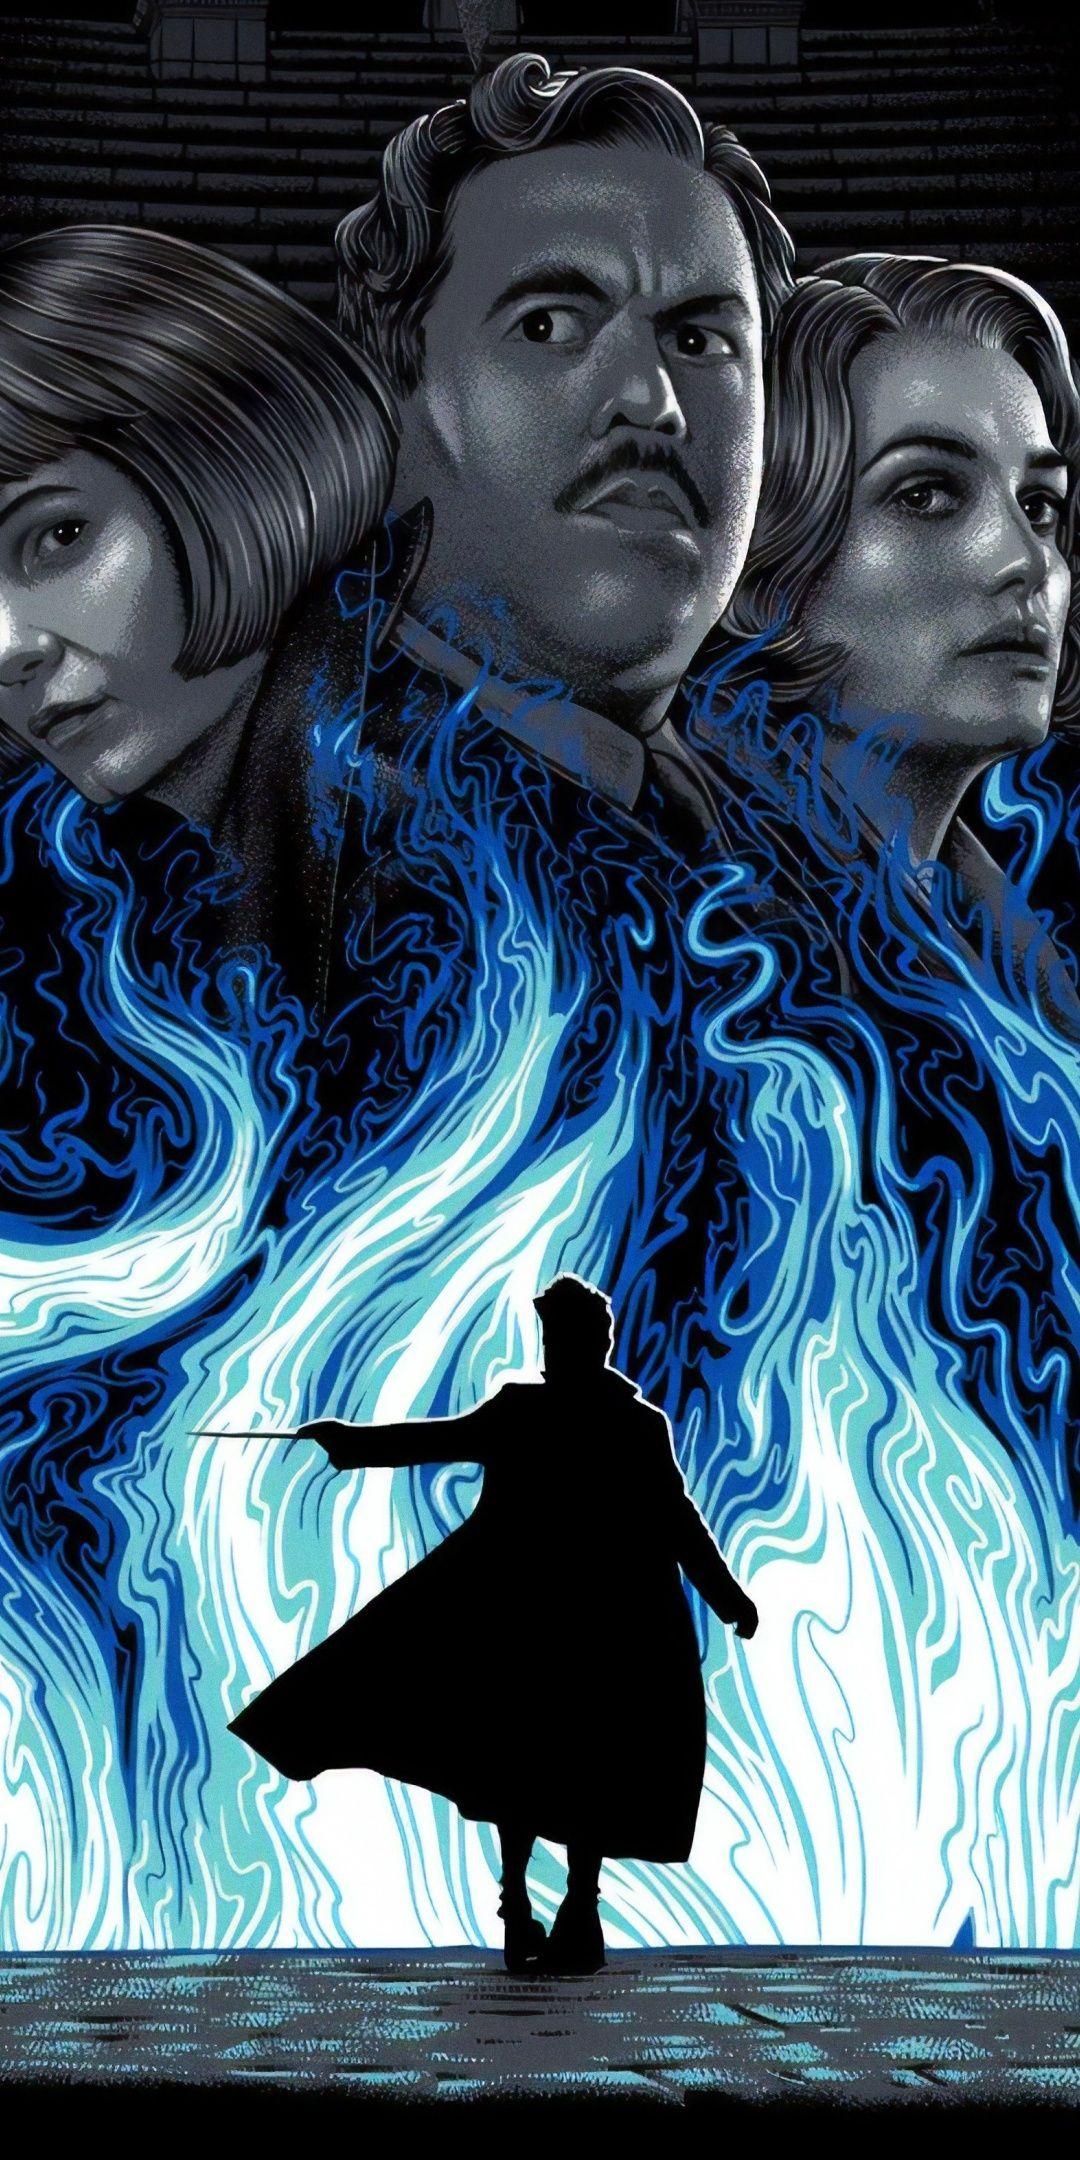 Eddie Redmayne Fantastic Beasts The Crimes Of Grindelwald